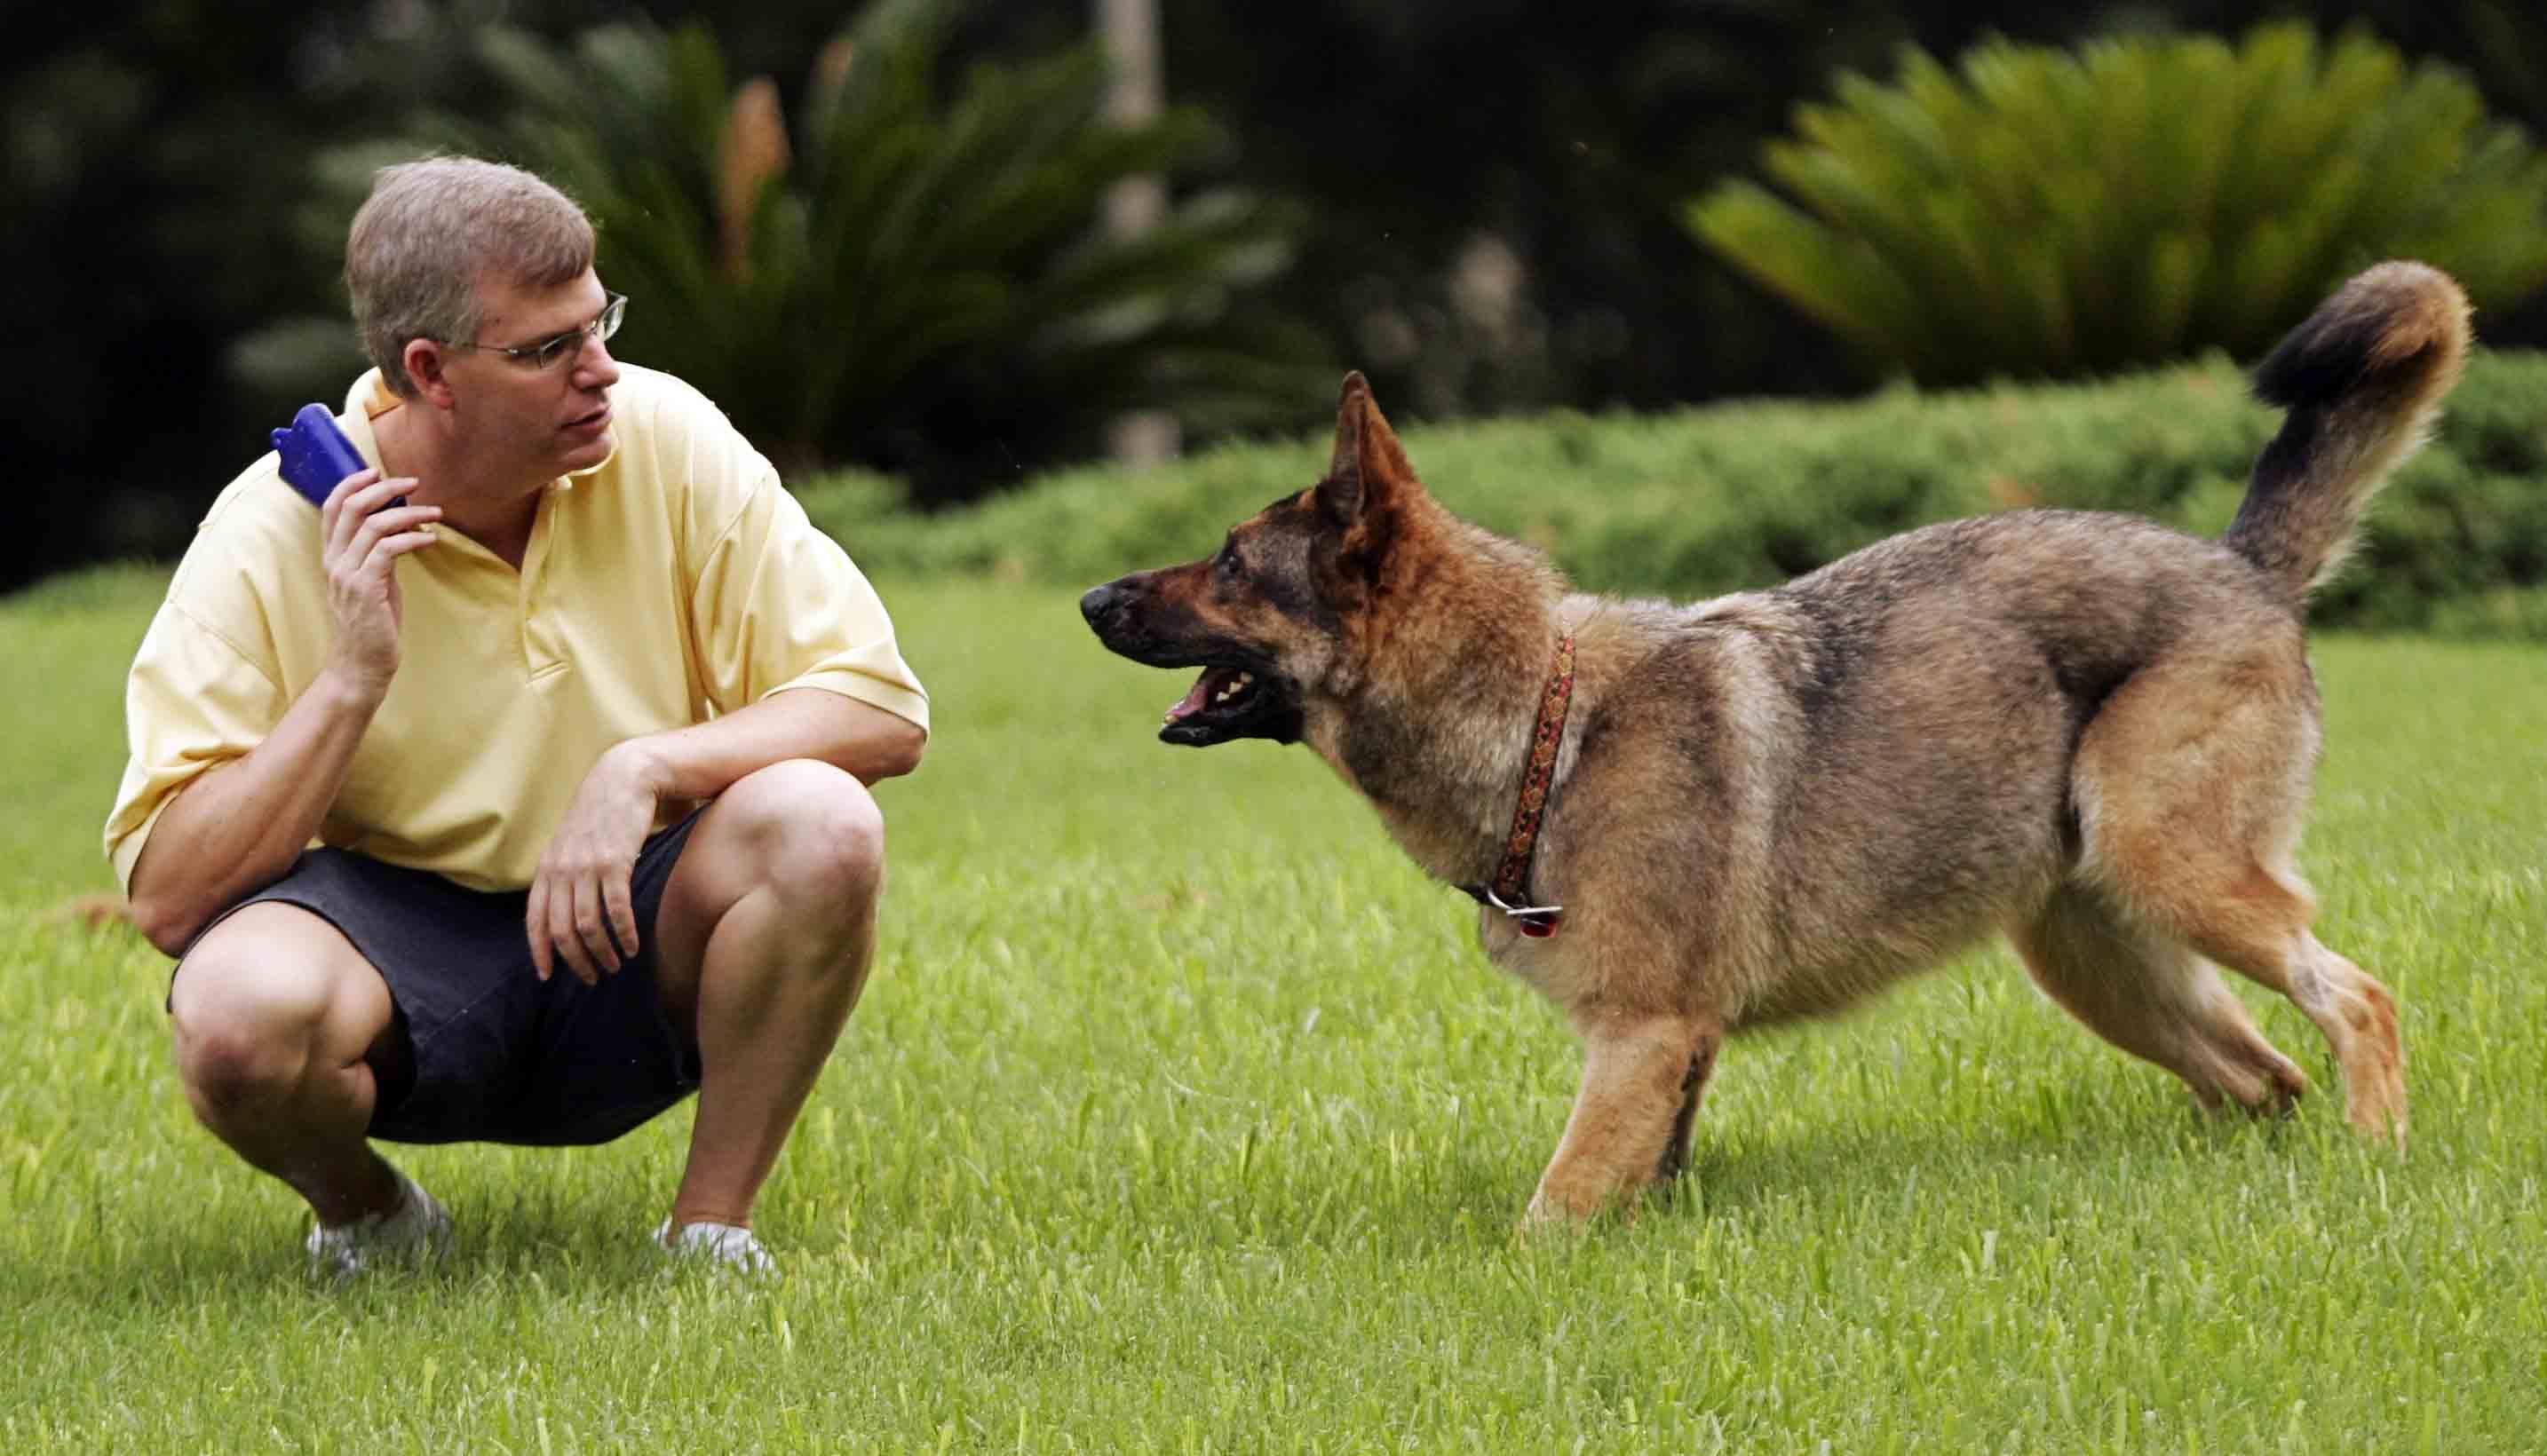 چگونه سگ خود را تعلیم دهیم؟ ۹ روش برای تعلیم سگ